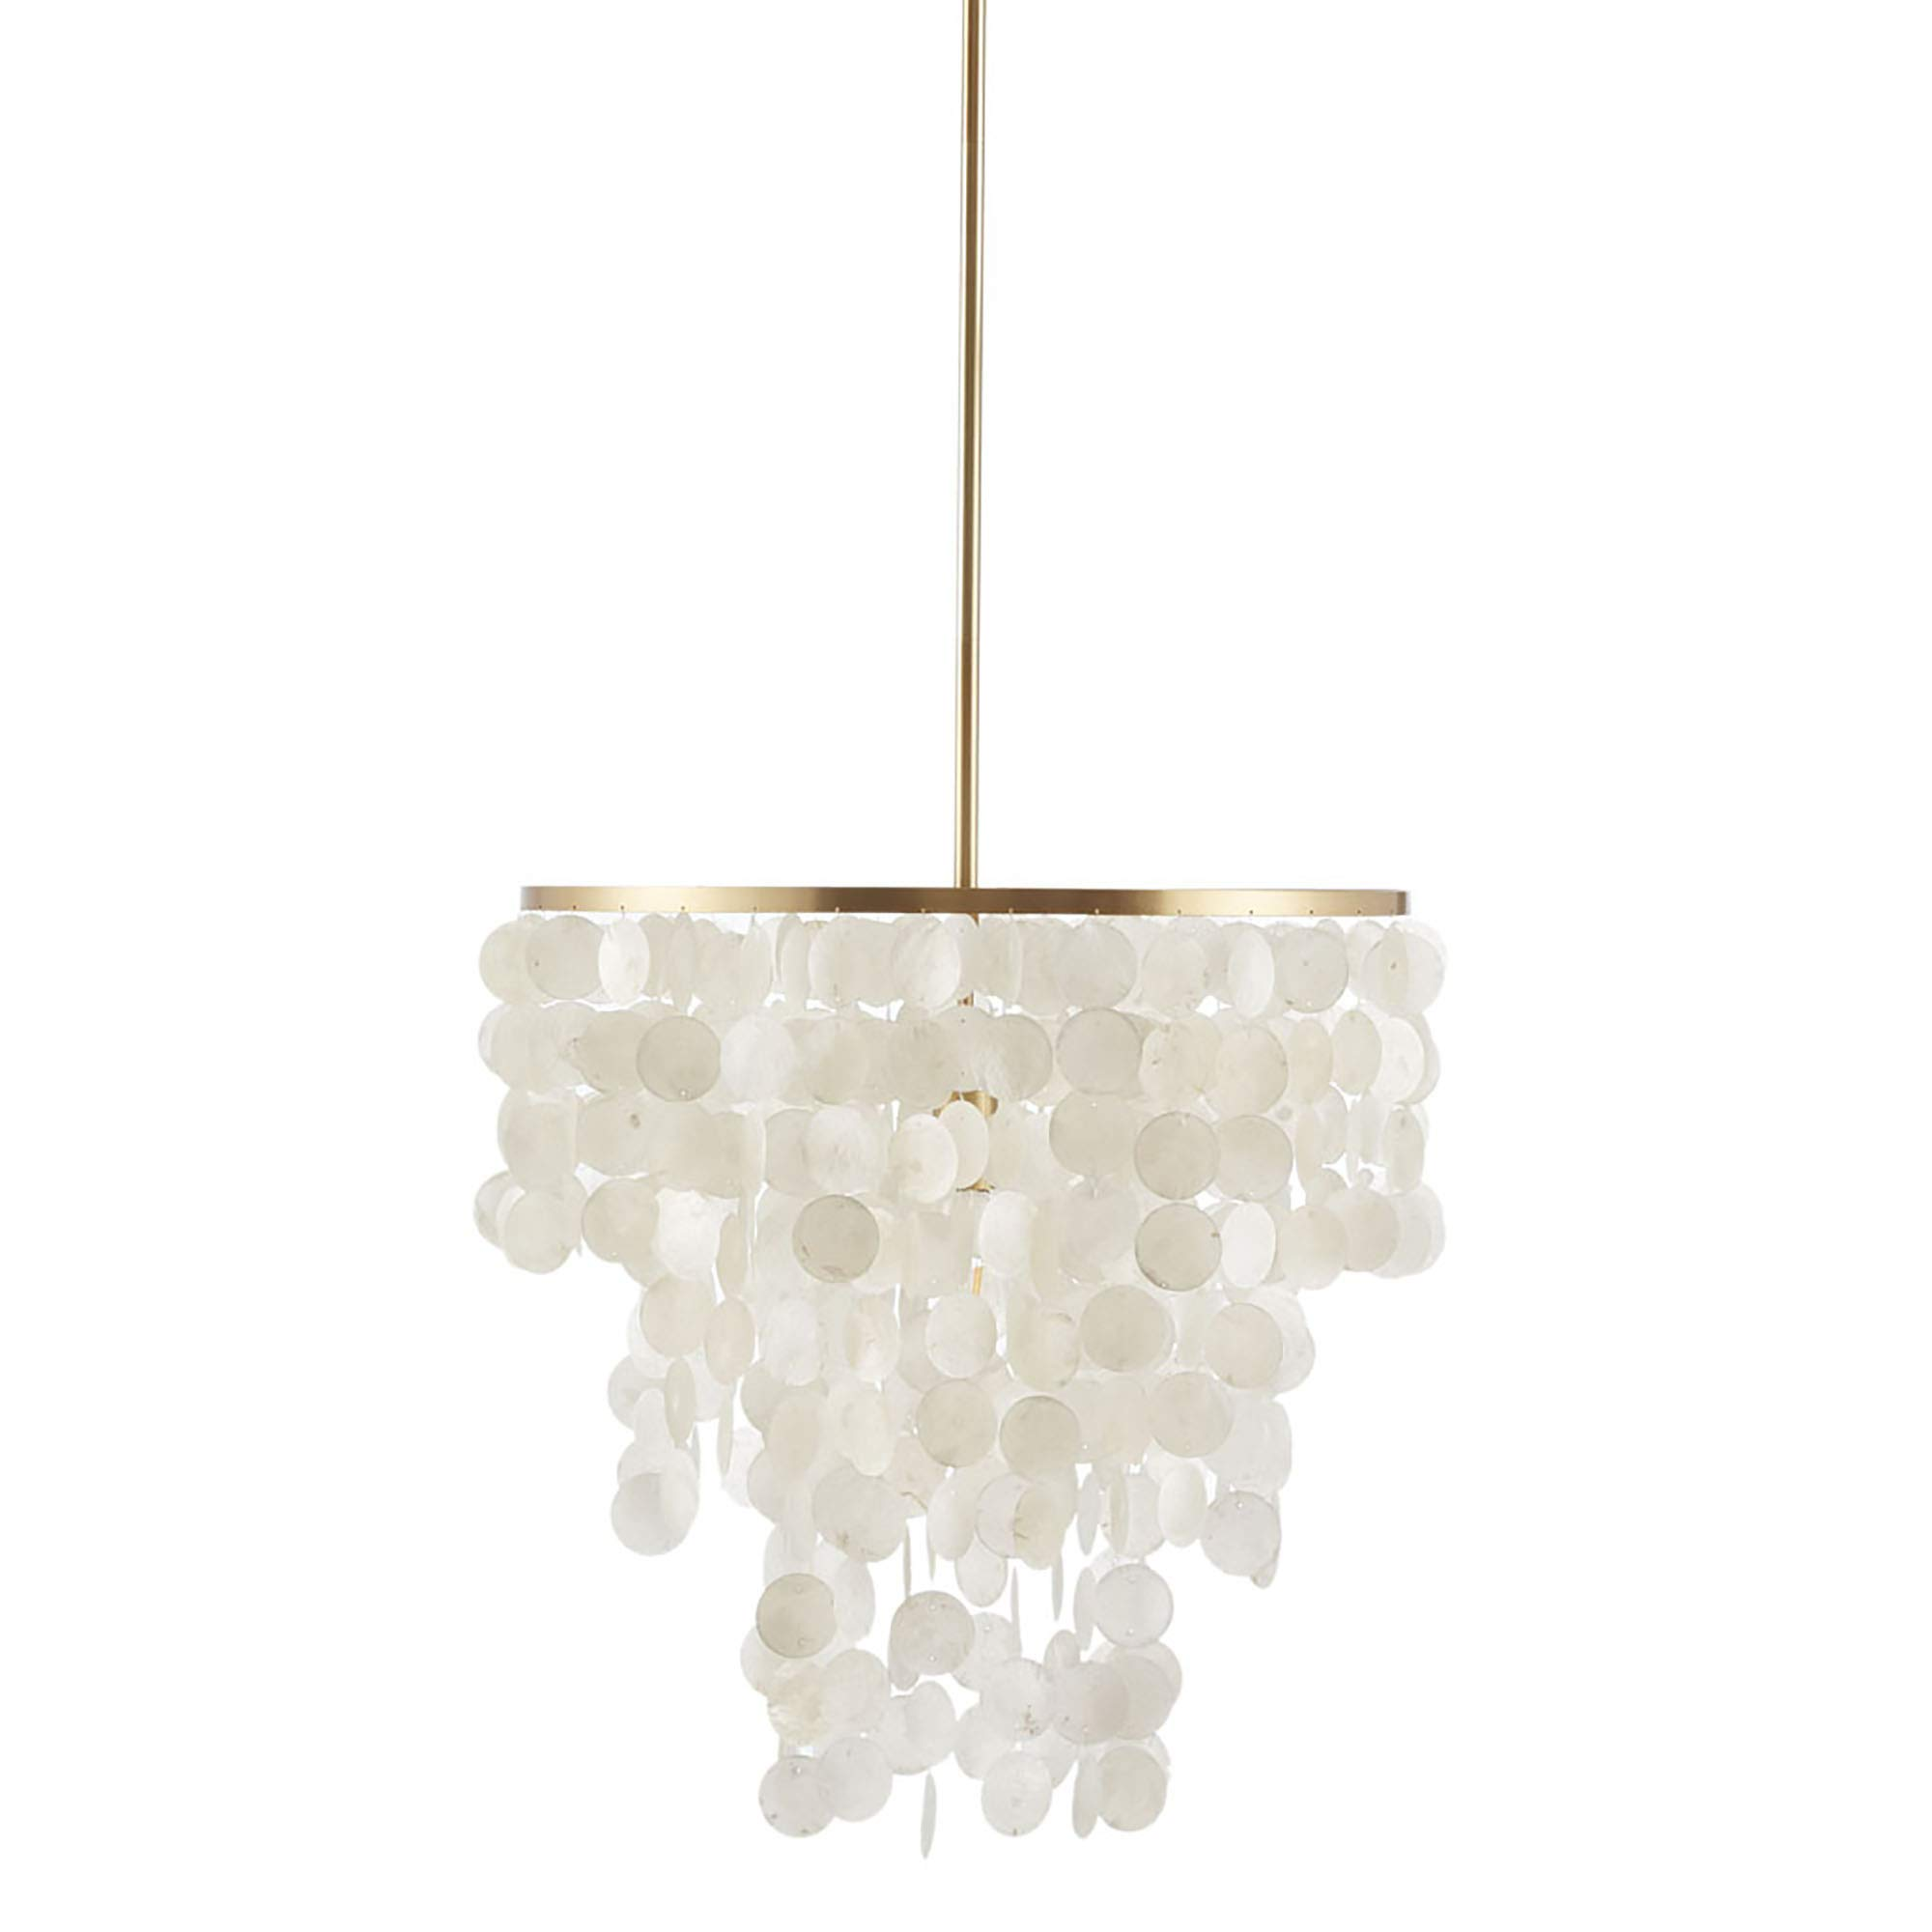 麦迪逊公园签名 MPS150-0093 Isla 现代经典吊灯-金属,白色外壳灯罩吊灯,天花板餐厅照明灯具悬挂